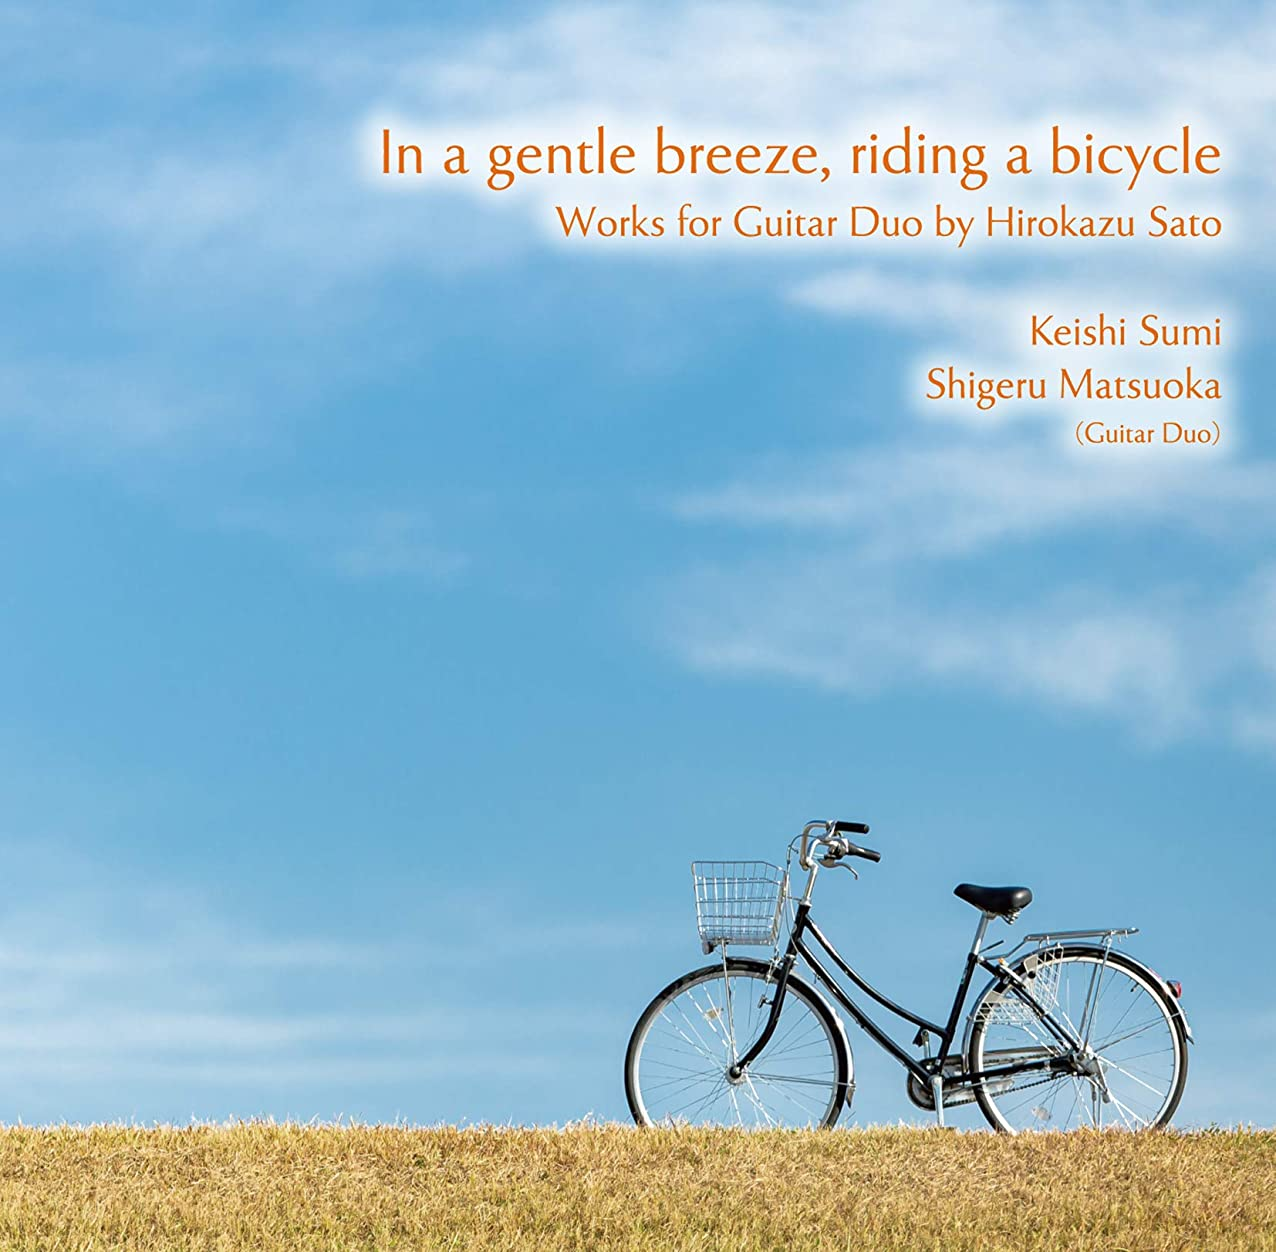 放出のスコアエチケットそよ風の中、自転車に乗って~佐藤弘和ギター二重奏作品集